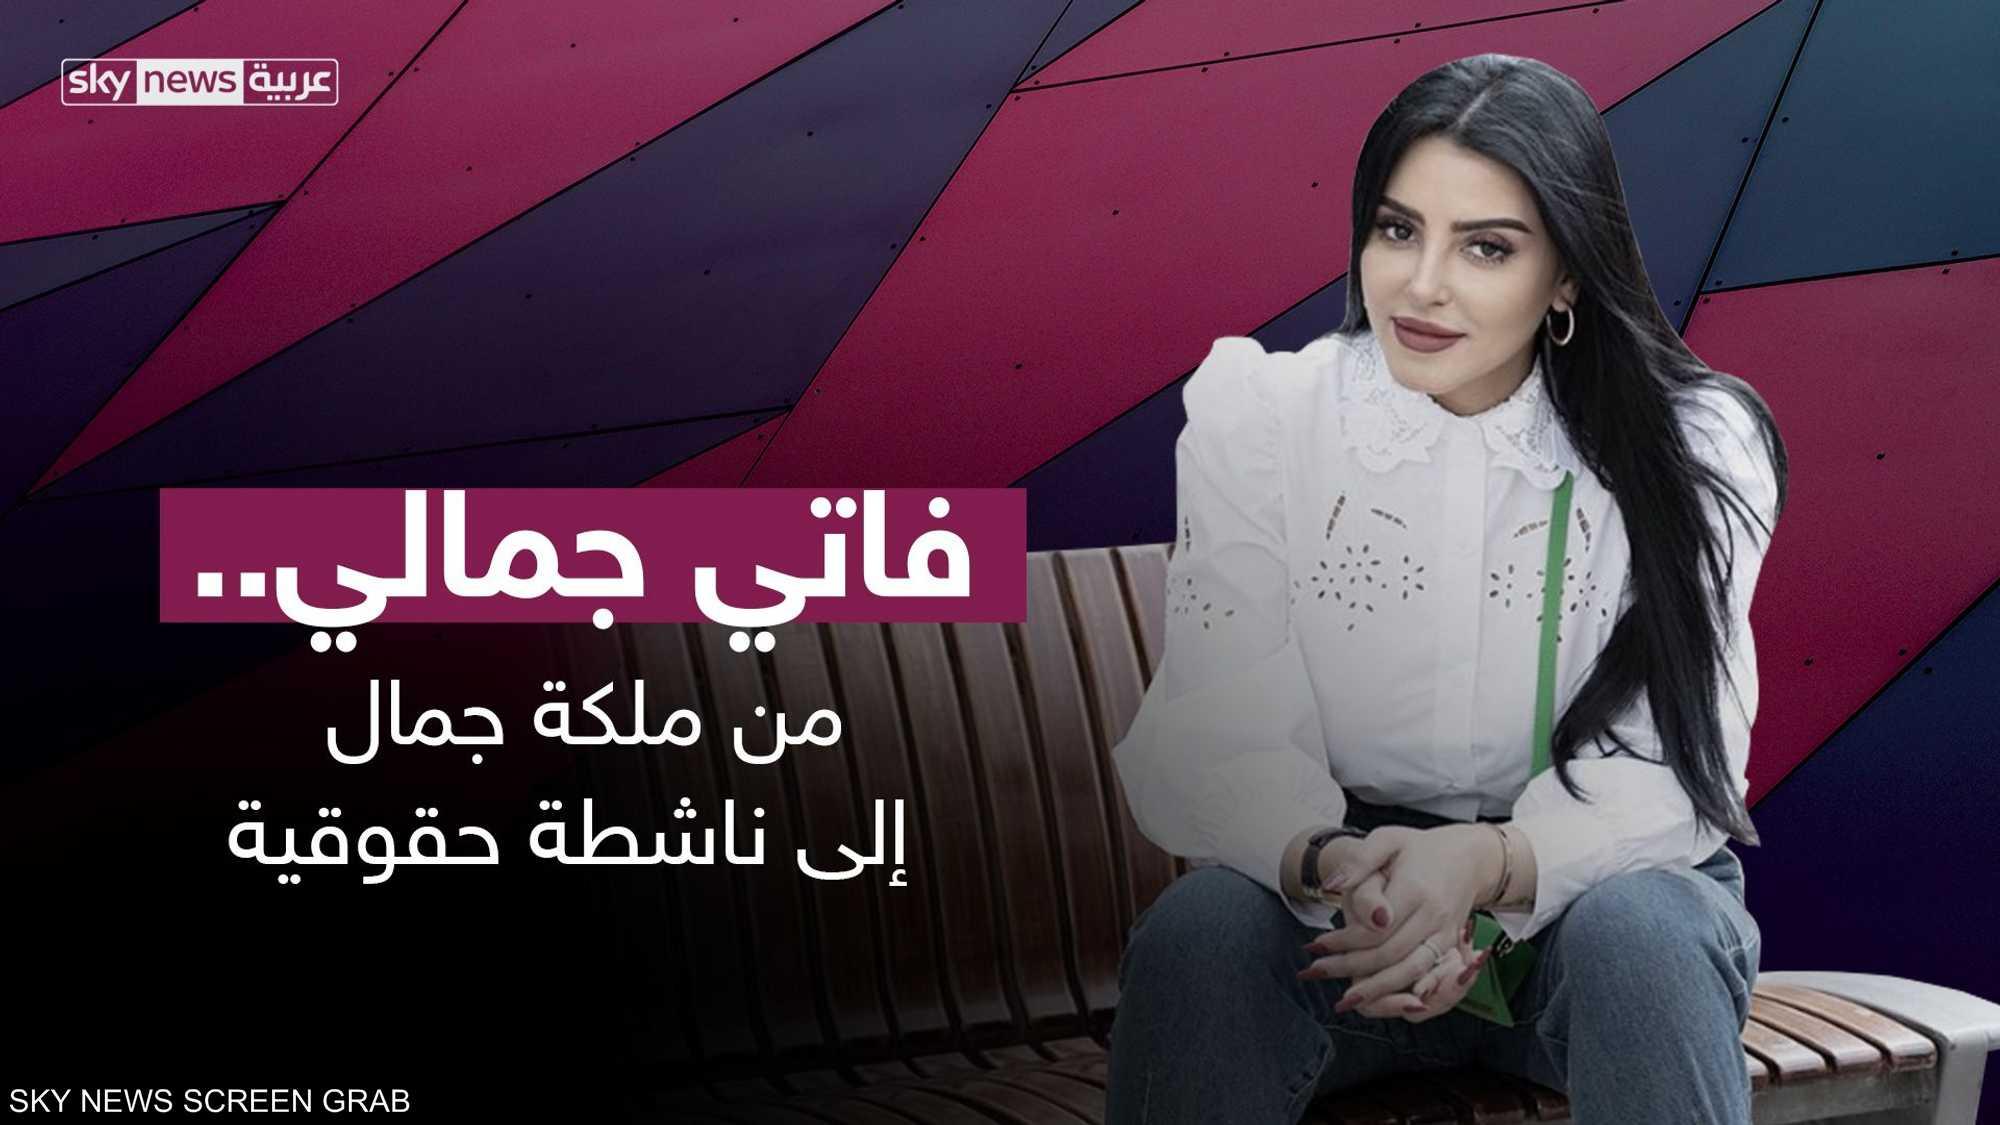 فاتي.. عن ملكة جمال العرب وأفريقيا